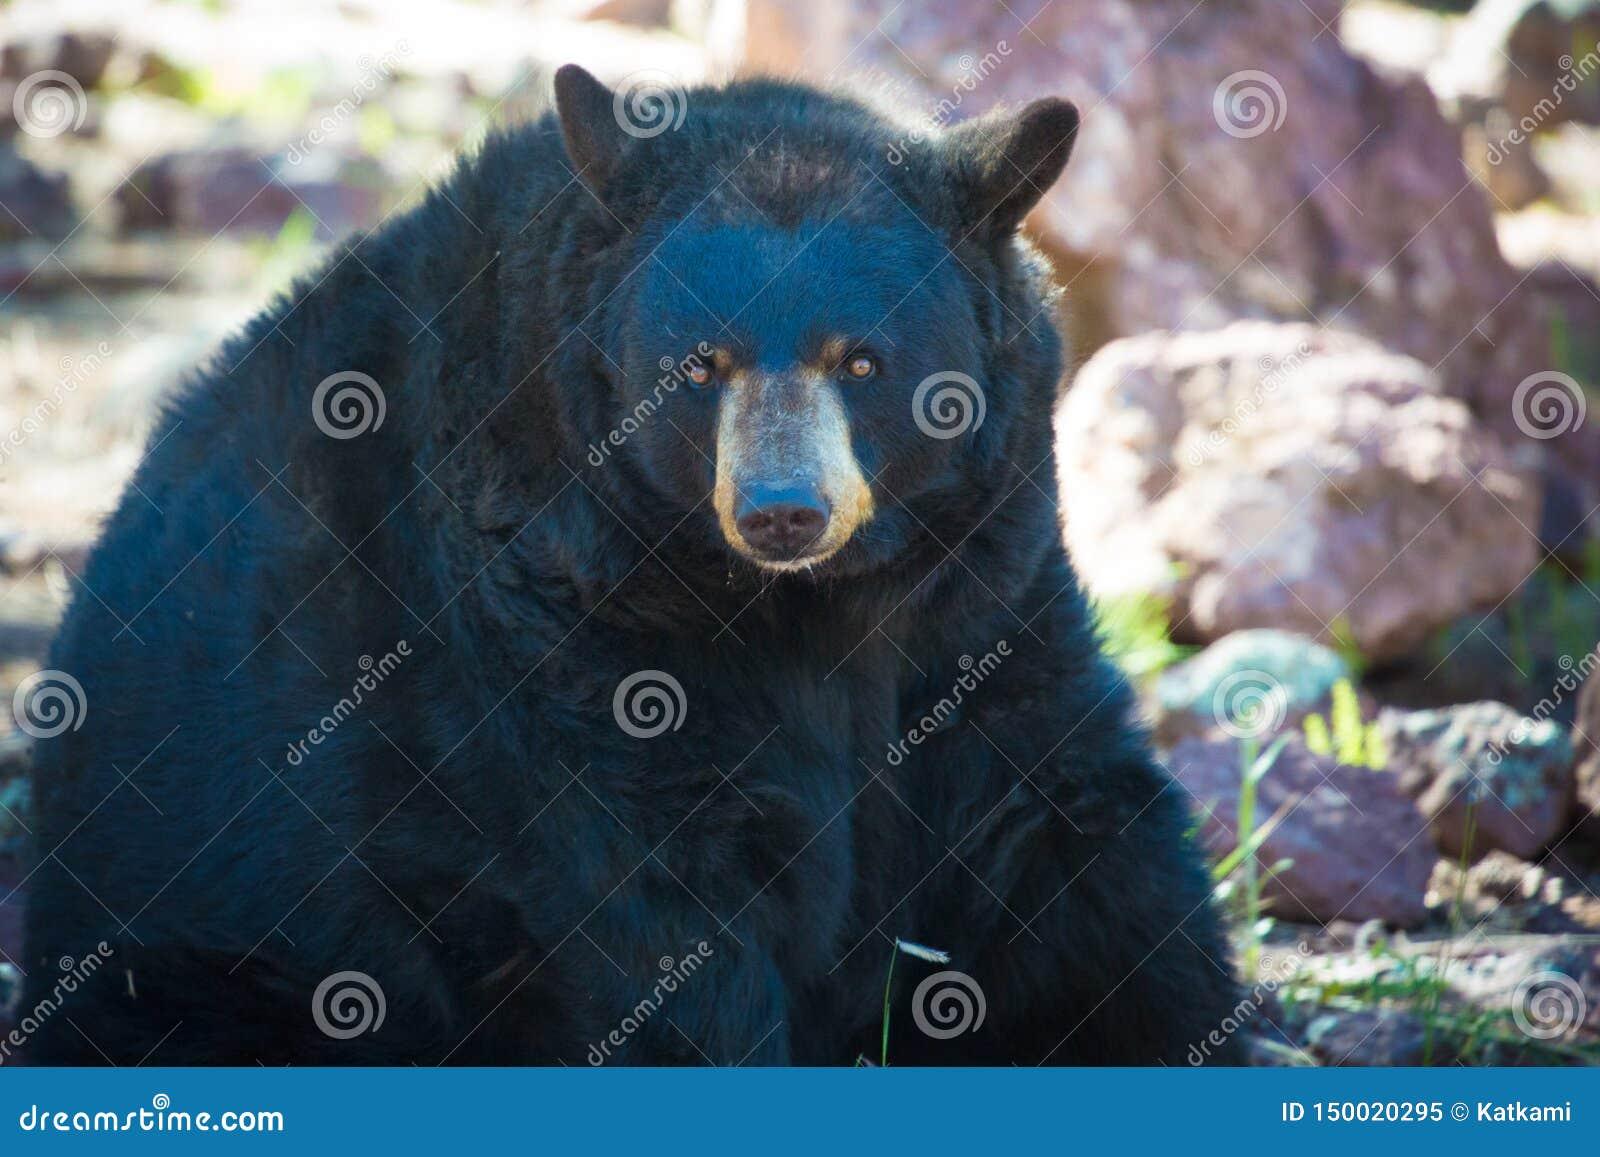 坐在动物园里的黑熊